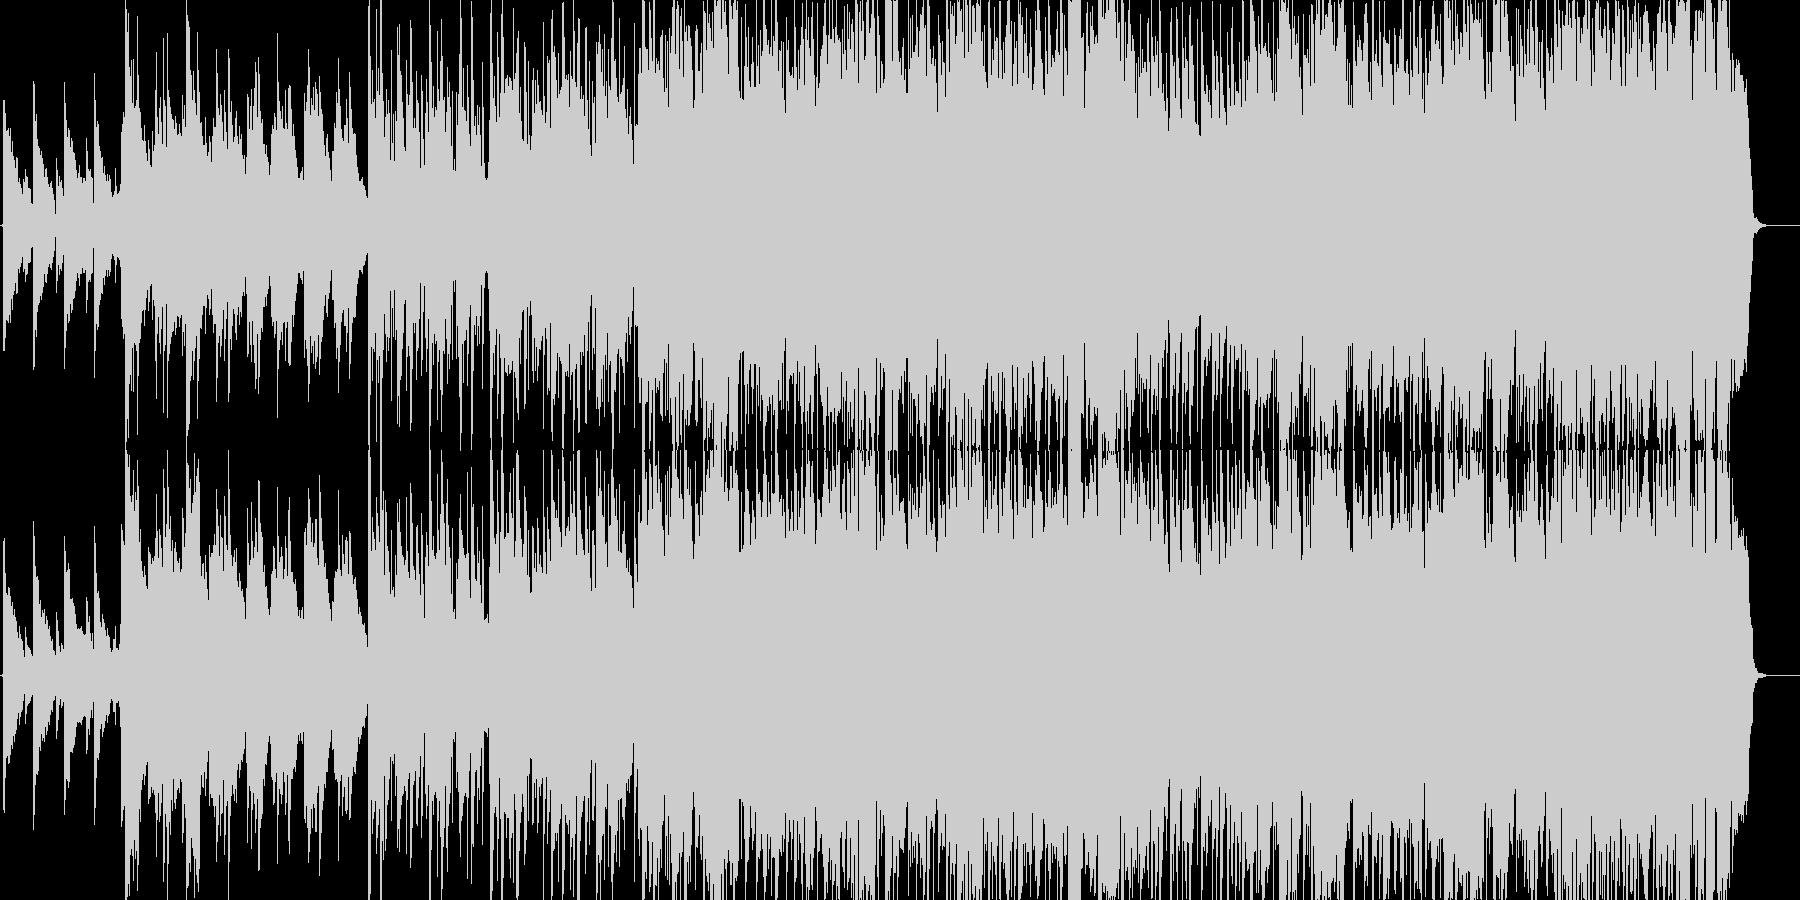 男性ボーカル/切ないバラードの未再生の波形